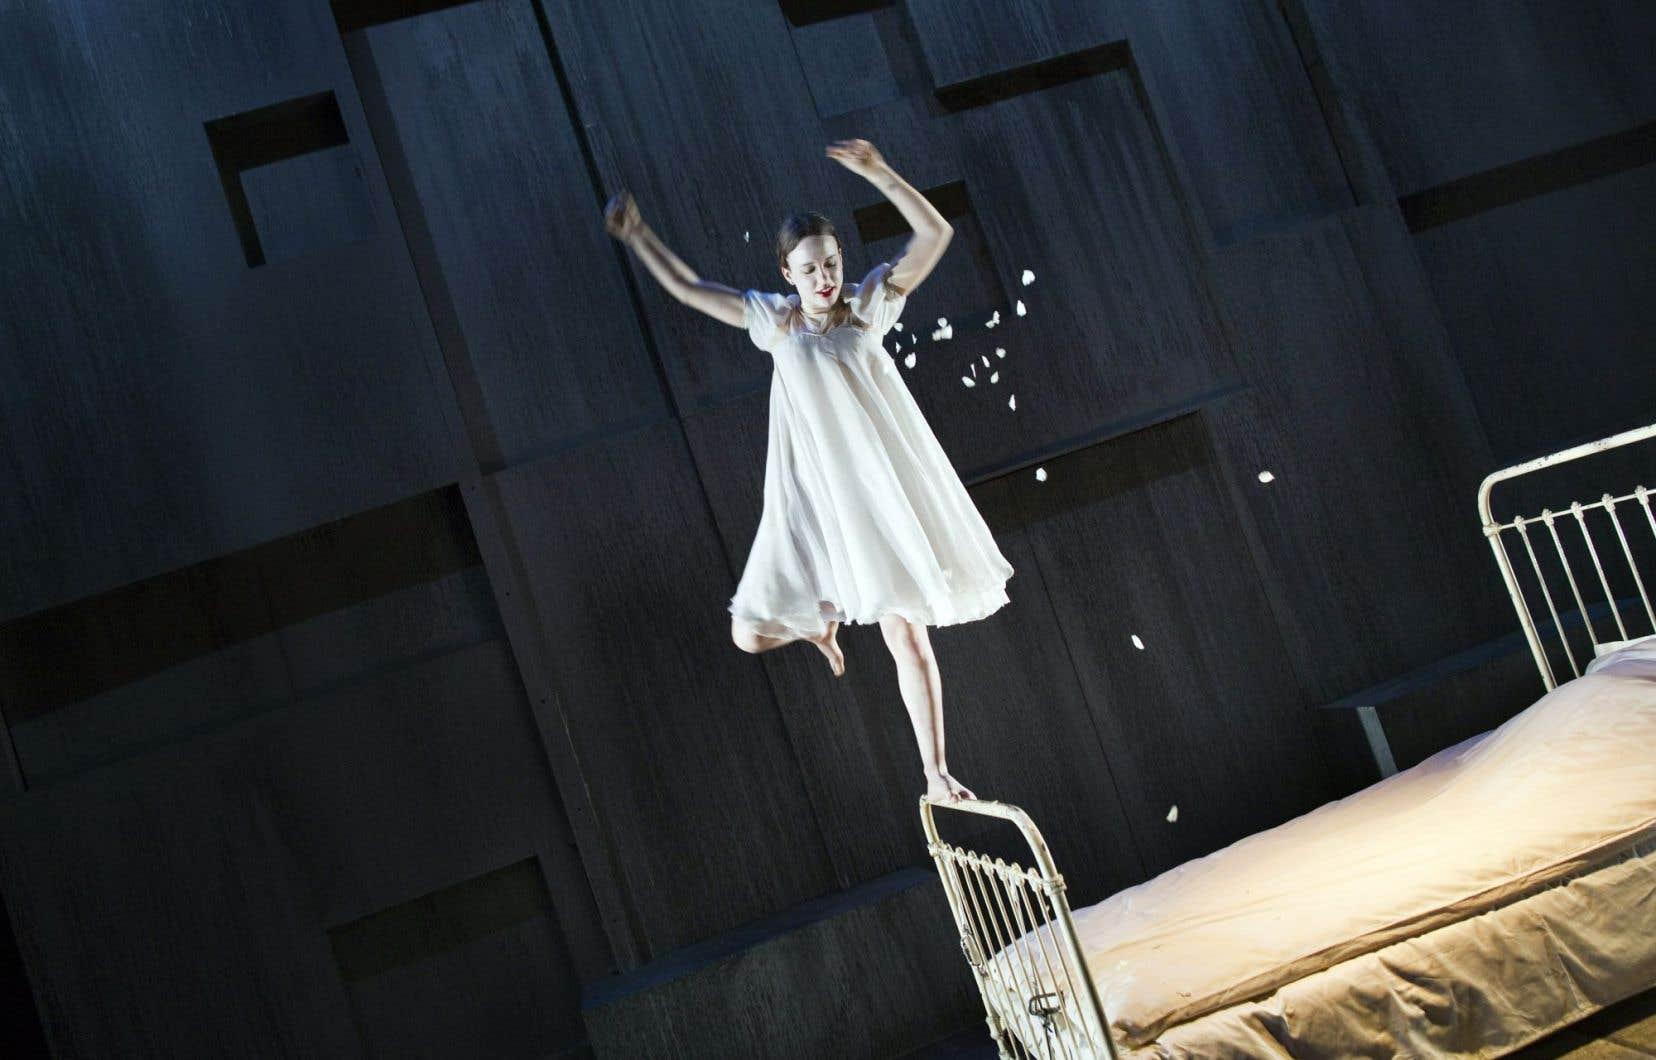 Femme-enfant, Ophélie a ici tout de la Wendy de Peter Pan, avec sa robe de nuit, son grand lit en fer et ses virevoltes aériennes.